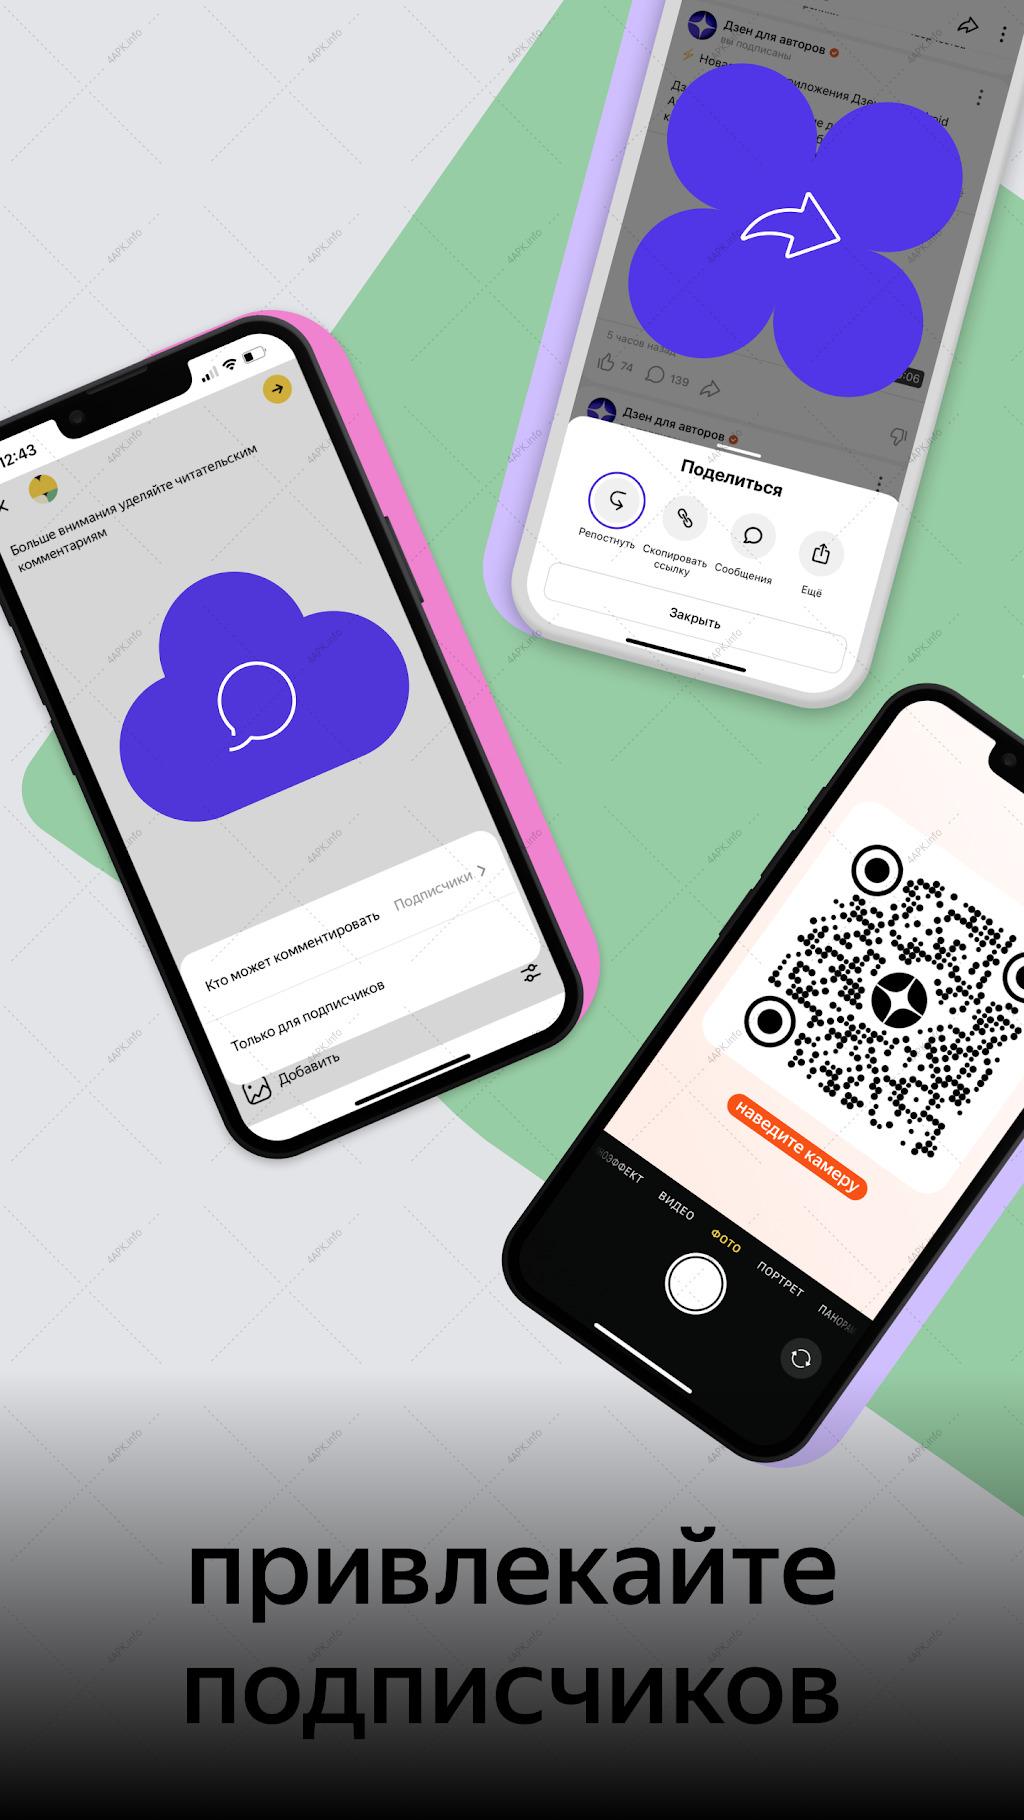 Яндекс.Дзен : интересные статьи, видео и новости screenshot